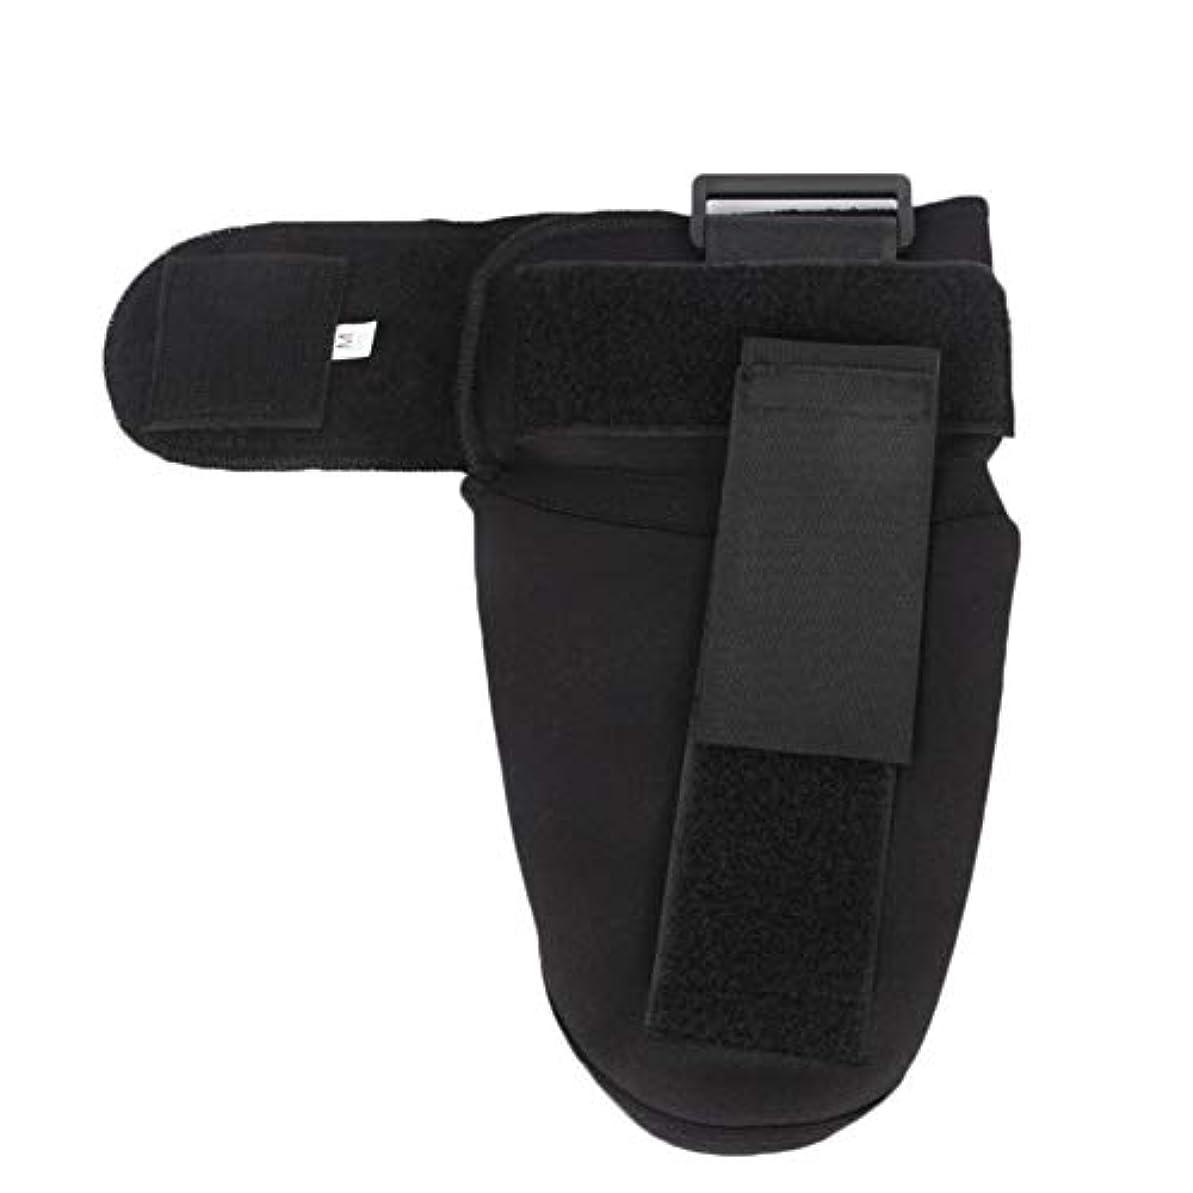 内部柔らかさ所得Xlp 足の痛みを軽減するための足底足首サポートベルトソフト通気性フットプロテクター